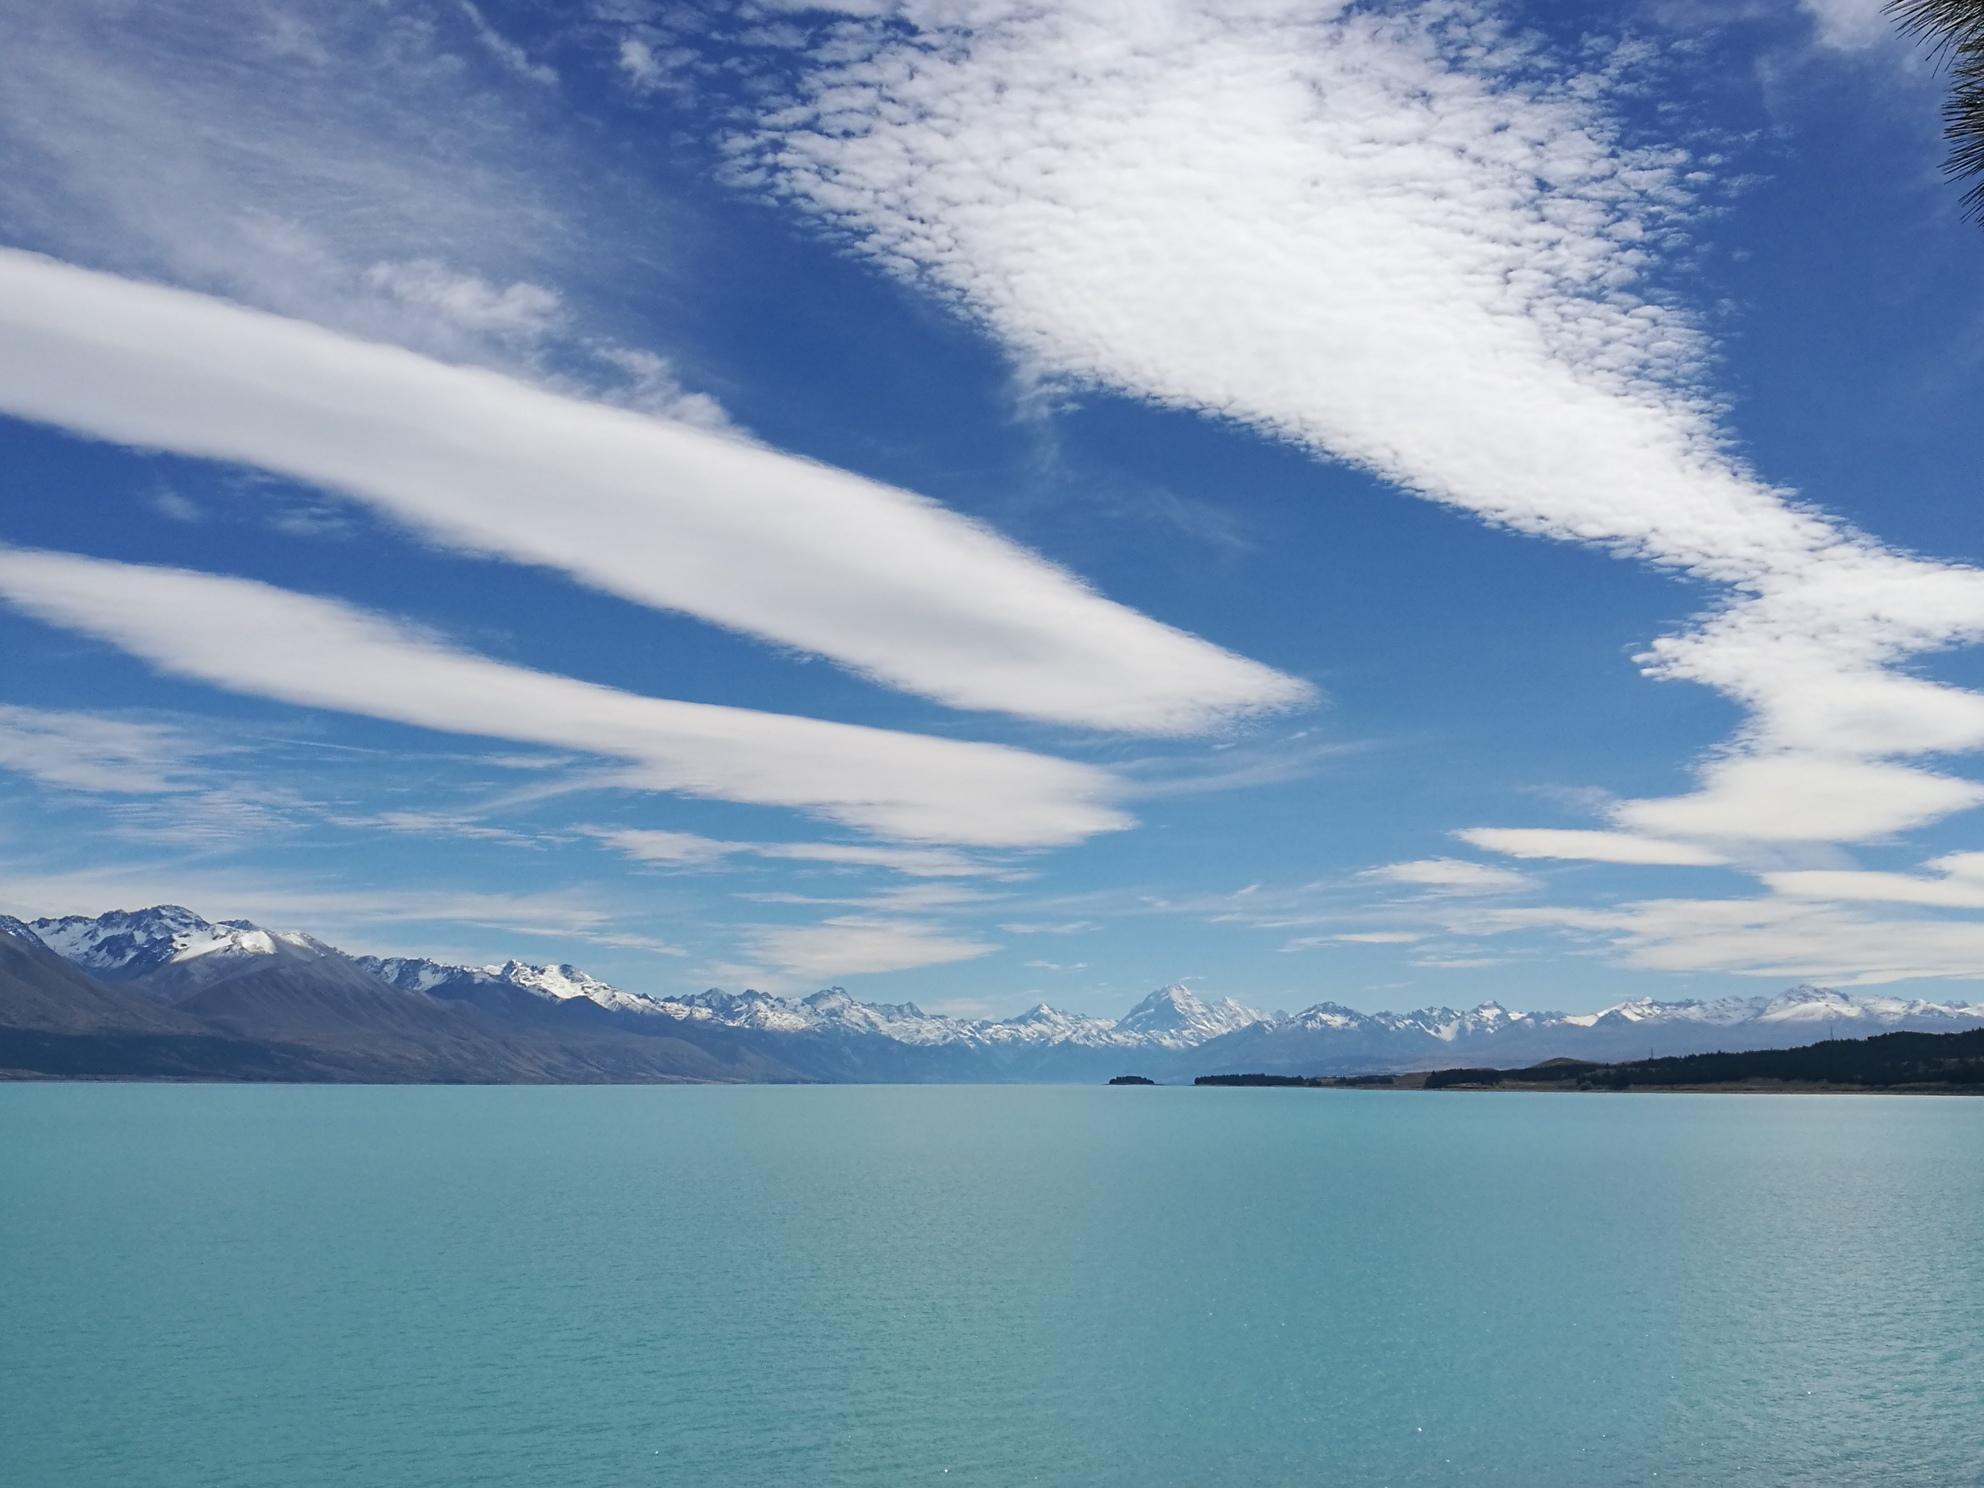 ニュージーランド神秘の湖「プカキ湖」で絶品キングサーモンを頂きました!   たびこふれ